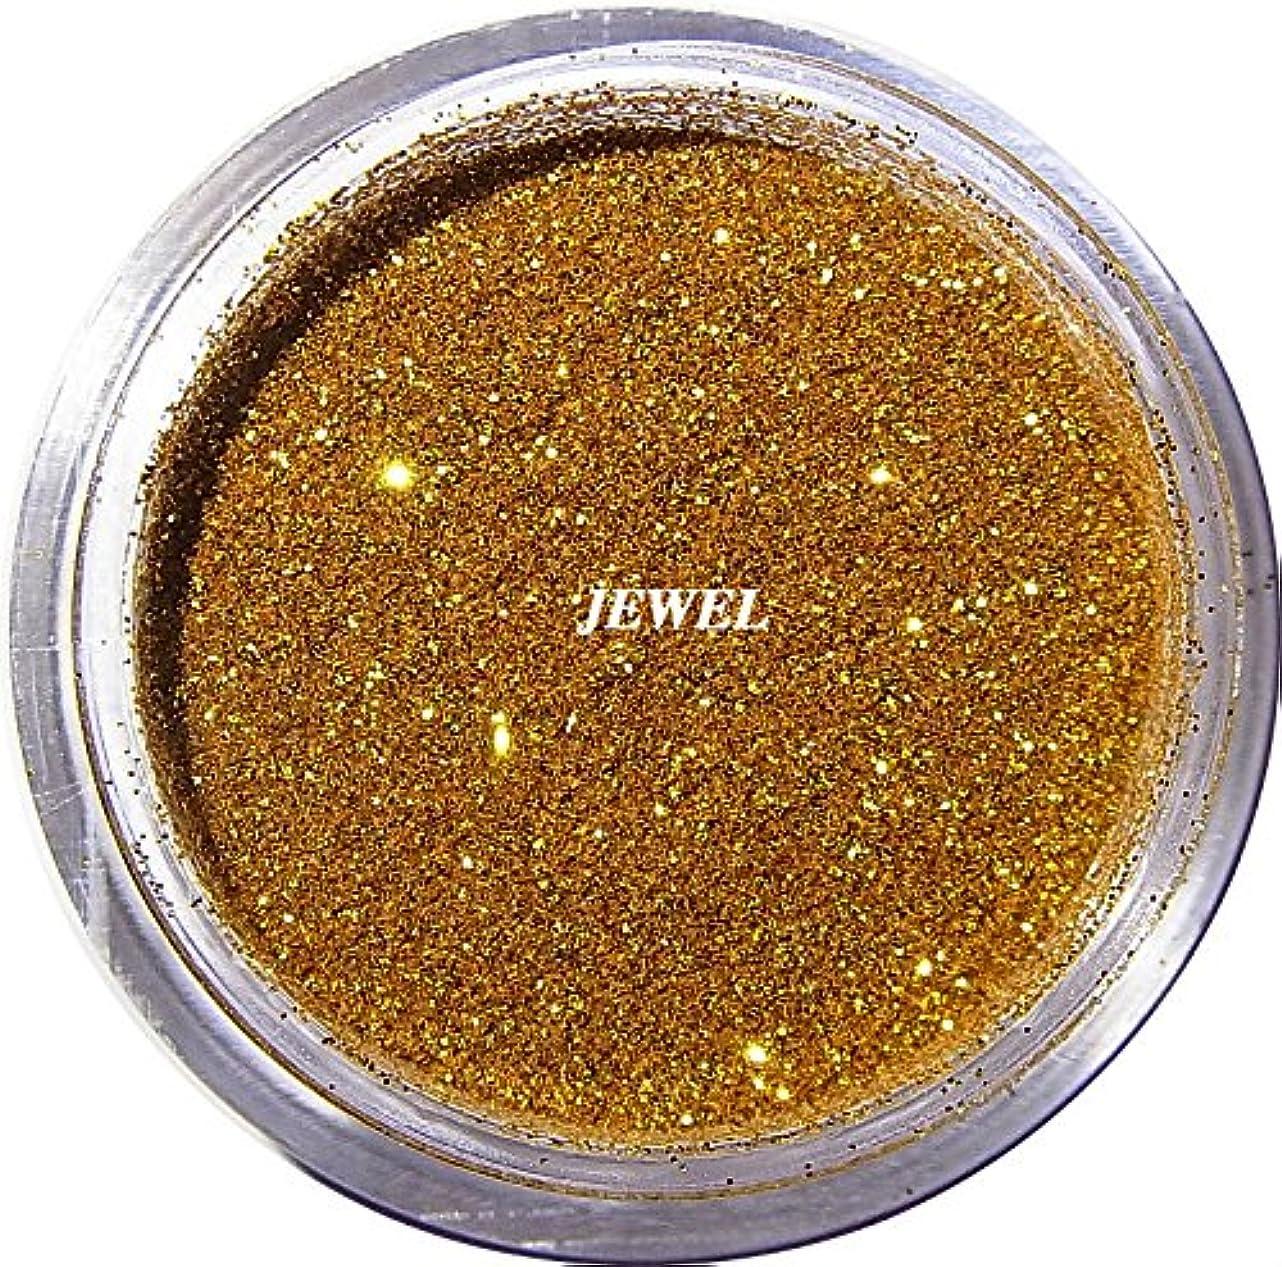 【jewel】 超微粒子ラメパウダー(金/ゴールド) 256/1サイズ 2g入り レジン&ネイル用 グリッター